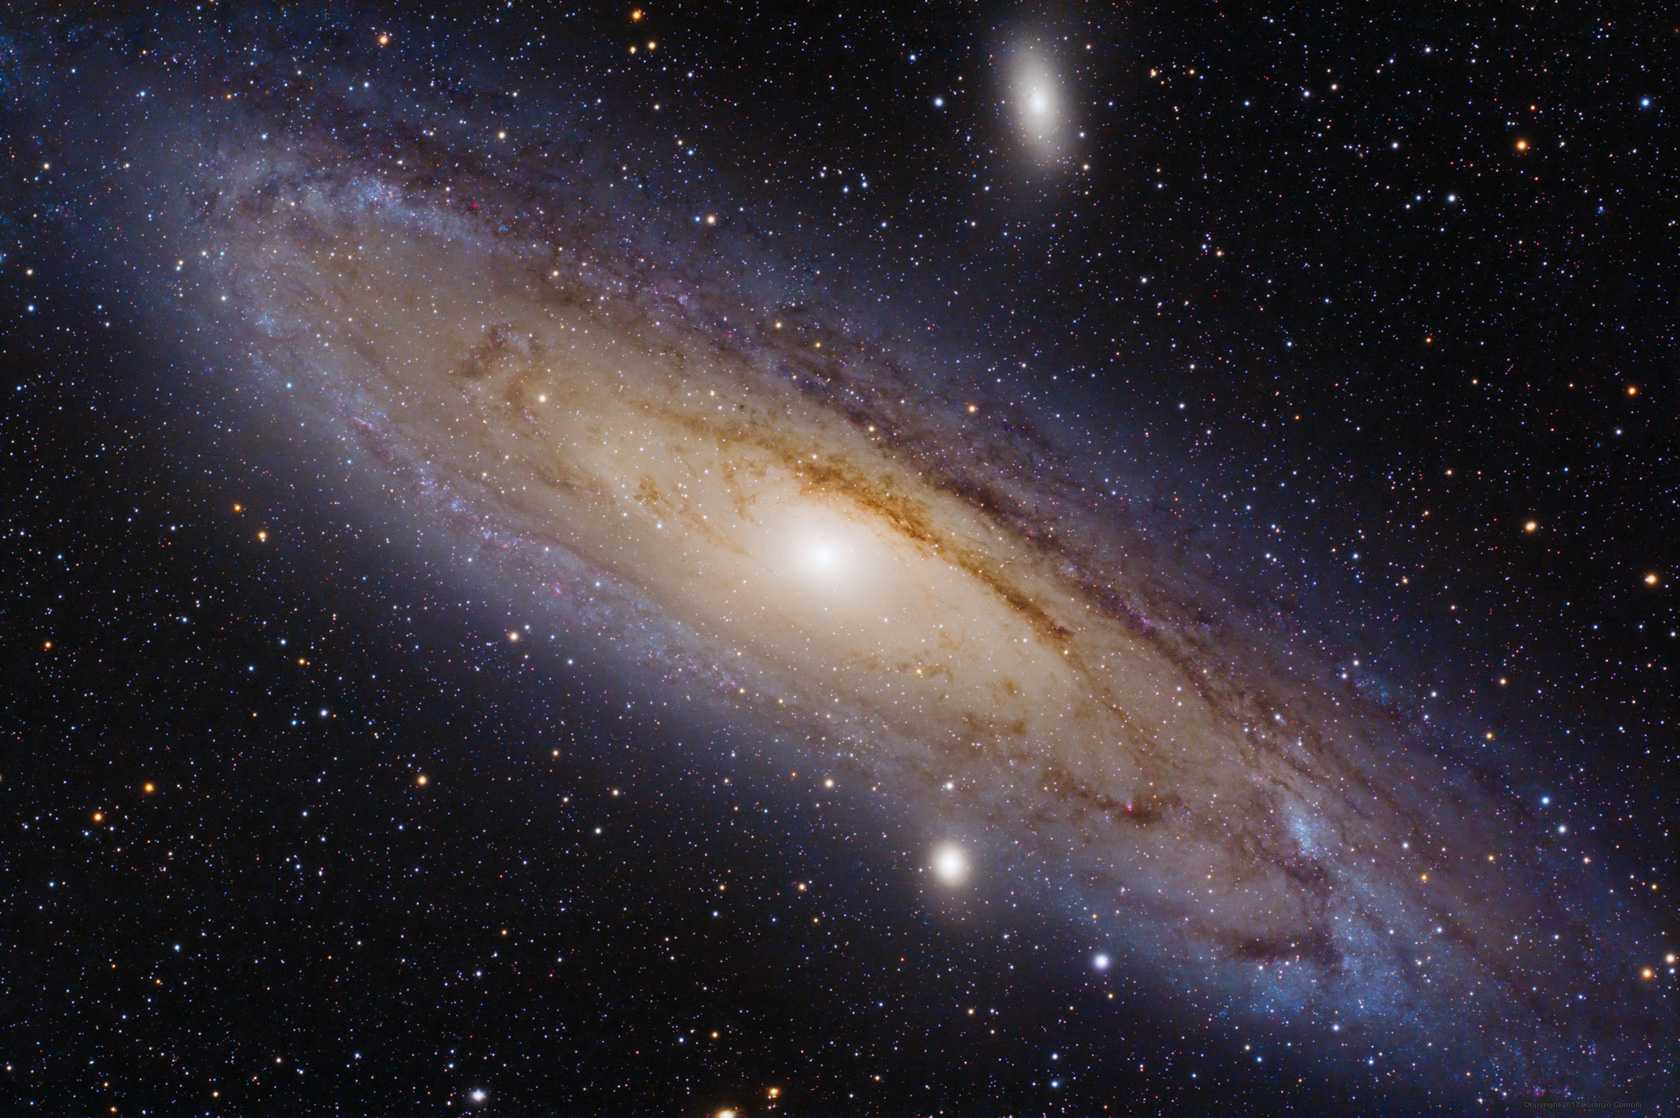 La Galassia di Andromeda è una galassia spirale gigante del Gruppo Locale. Si trova a circa 2,5 milioni di anni luce dalla Terra